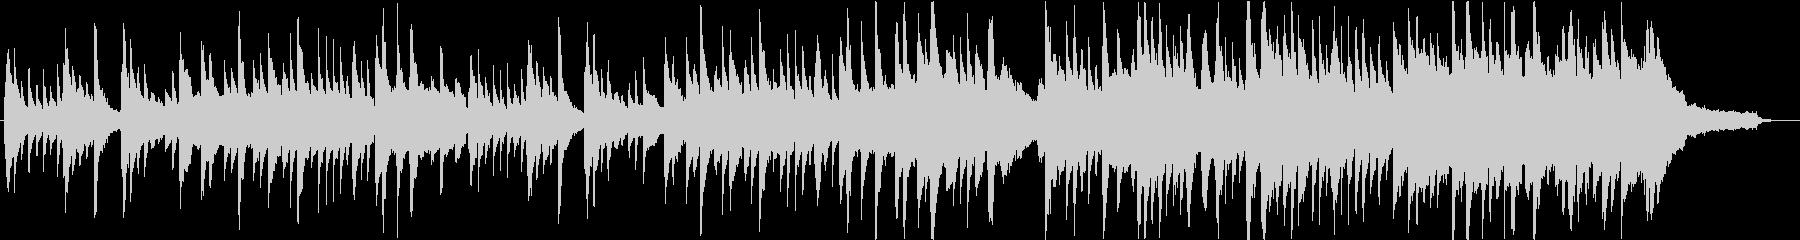 『凛とした様子』をピアノ曲で表しましたの未再生の波形